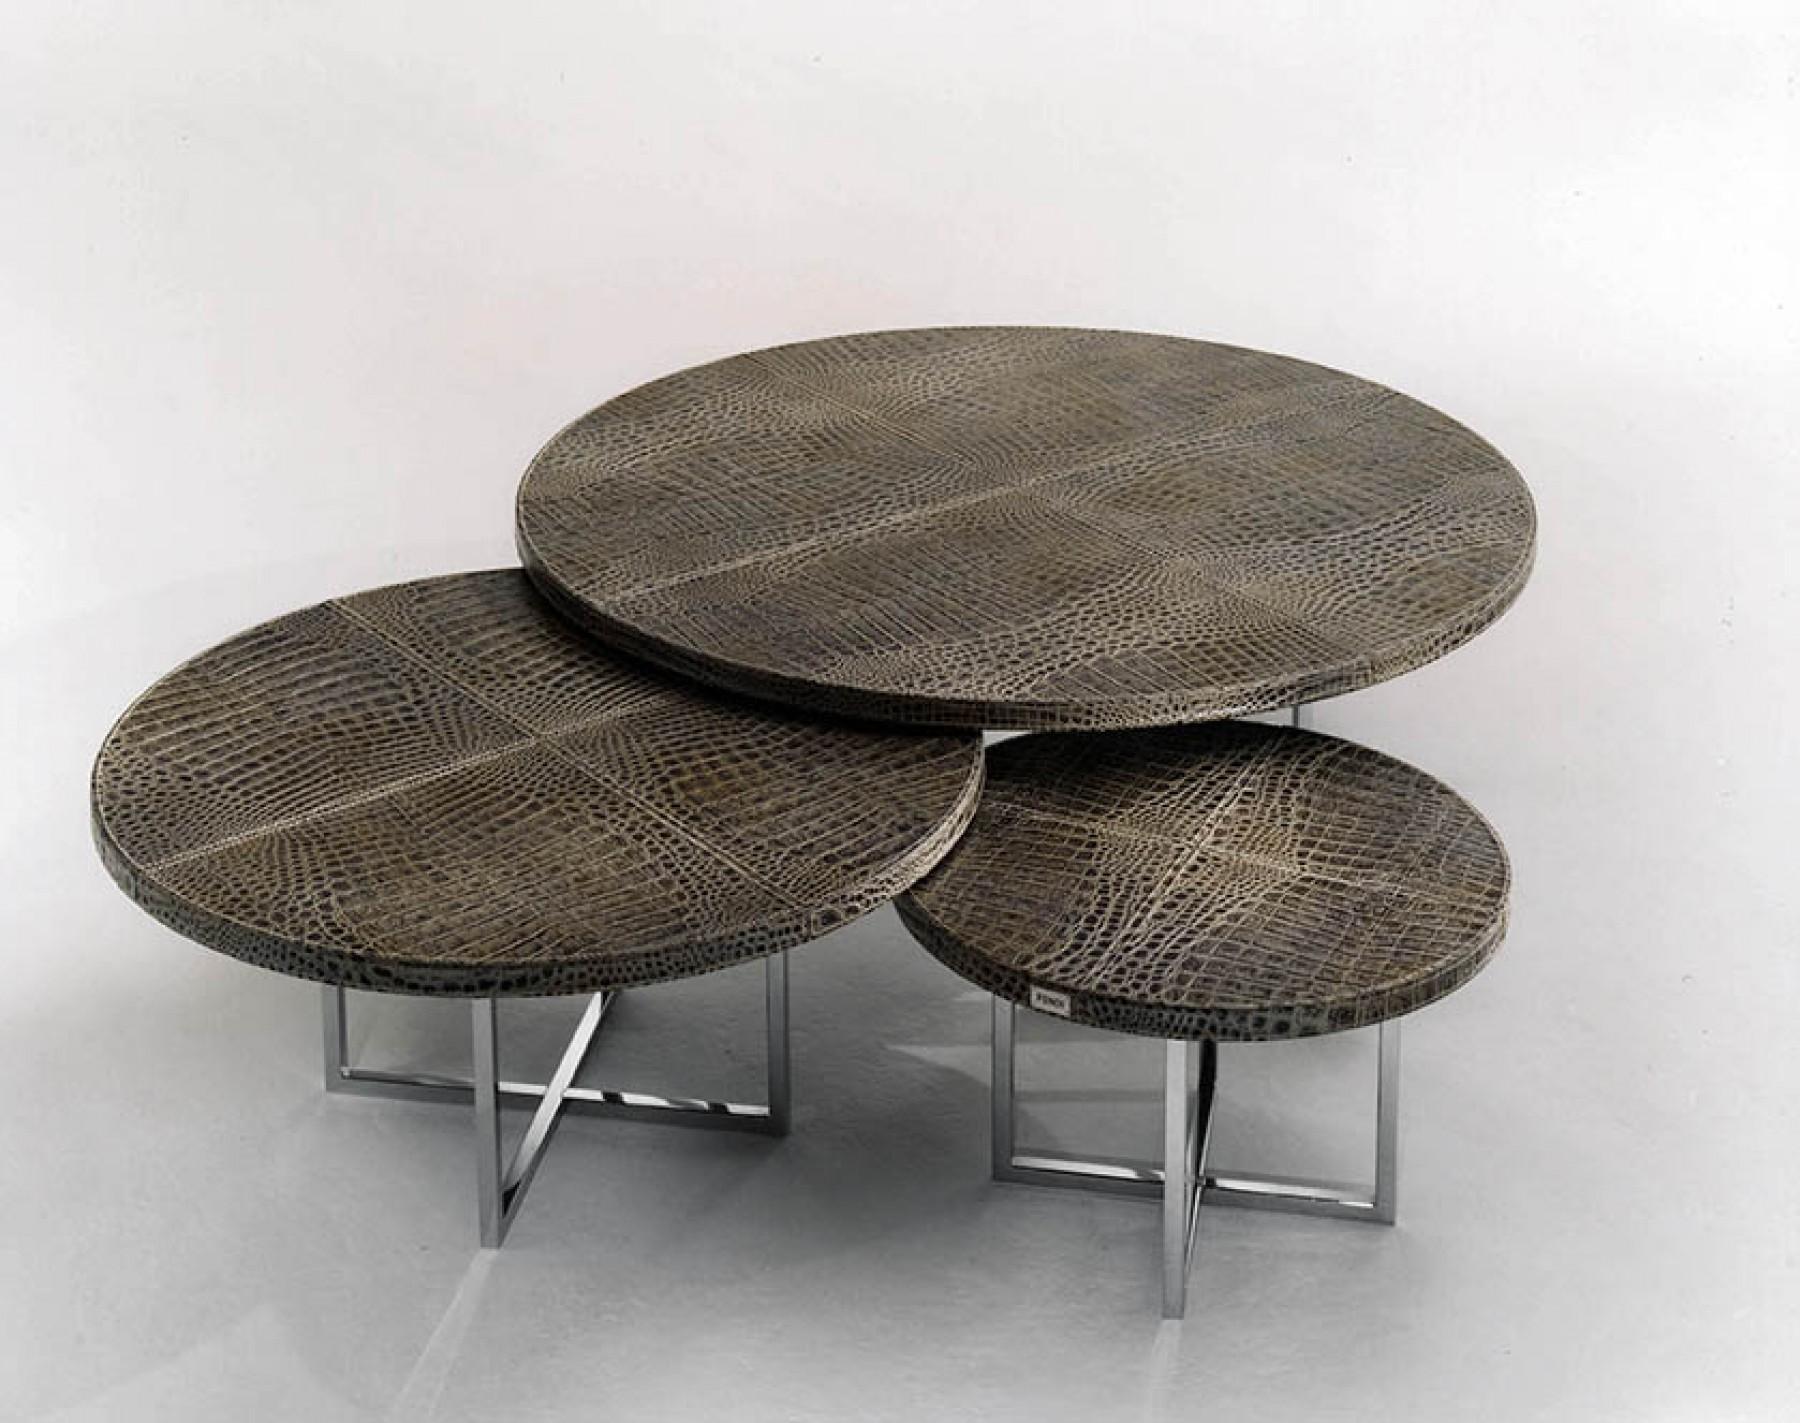 系列 茶几 FENDI OLIMPIC ROUND可收纳边几 五金木制桌子